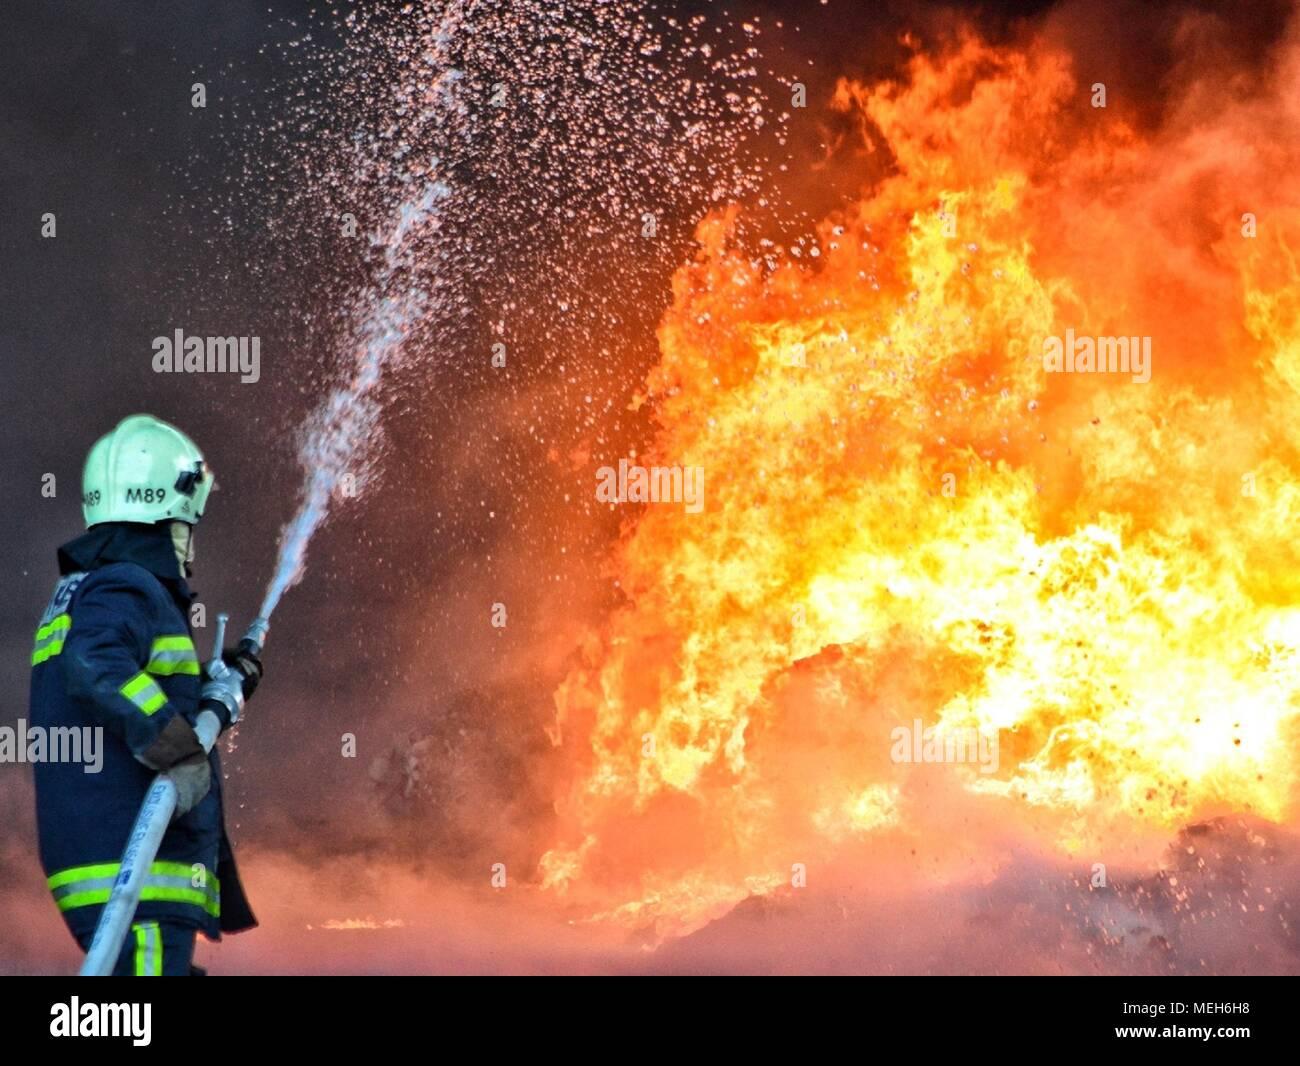 La lutte avec les pompiers, secours incendie Incendie à la survivante. D'énormes flammes brûlé une entreprise de recyclage à Tirana, l'extinction d'incendie pompier Banque D'Images